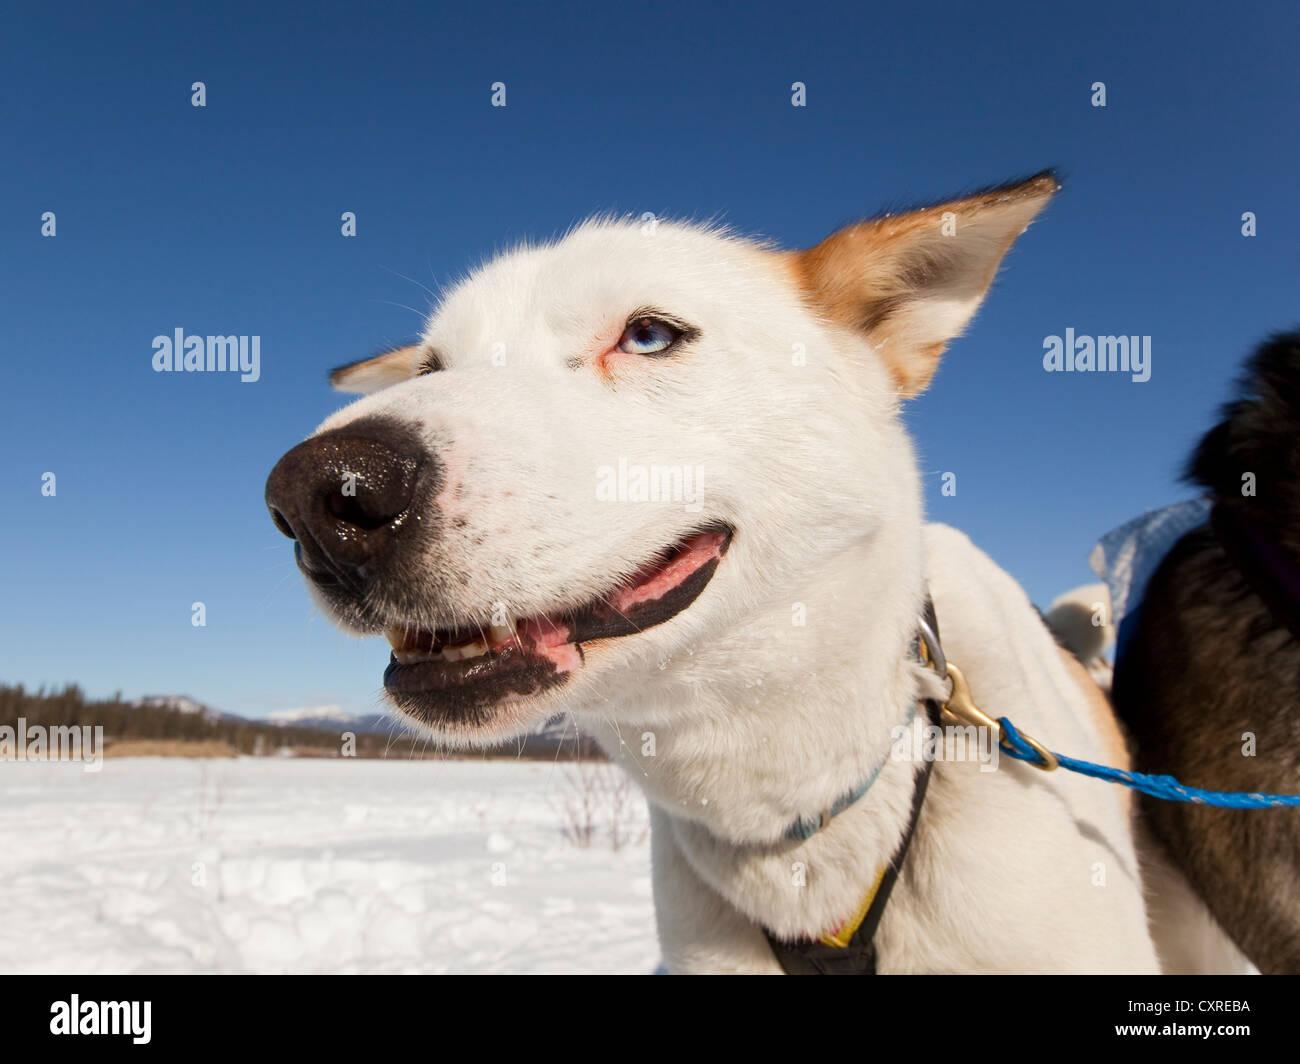 Retrato de Sled Dog, el plomo, el Perro Husky de Alaska, congelados Yukon River, territorio de Yukon, Canadá Imagen De Stock